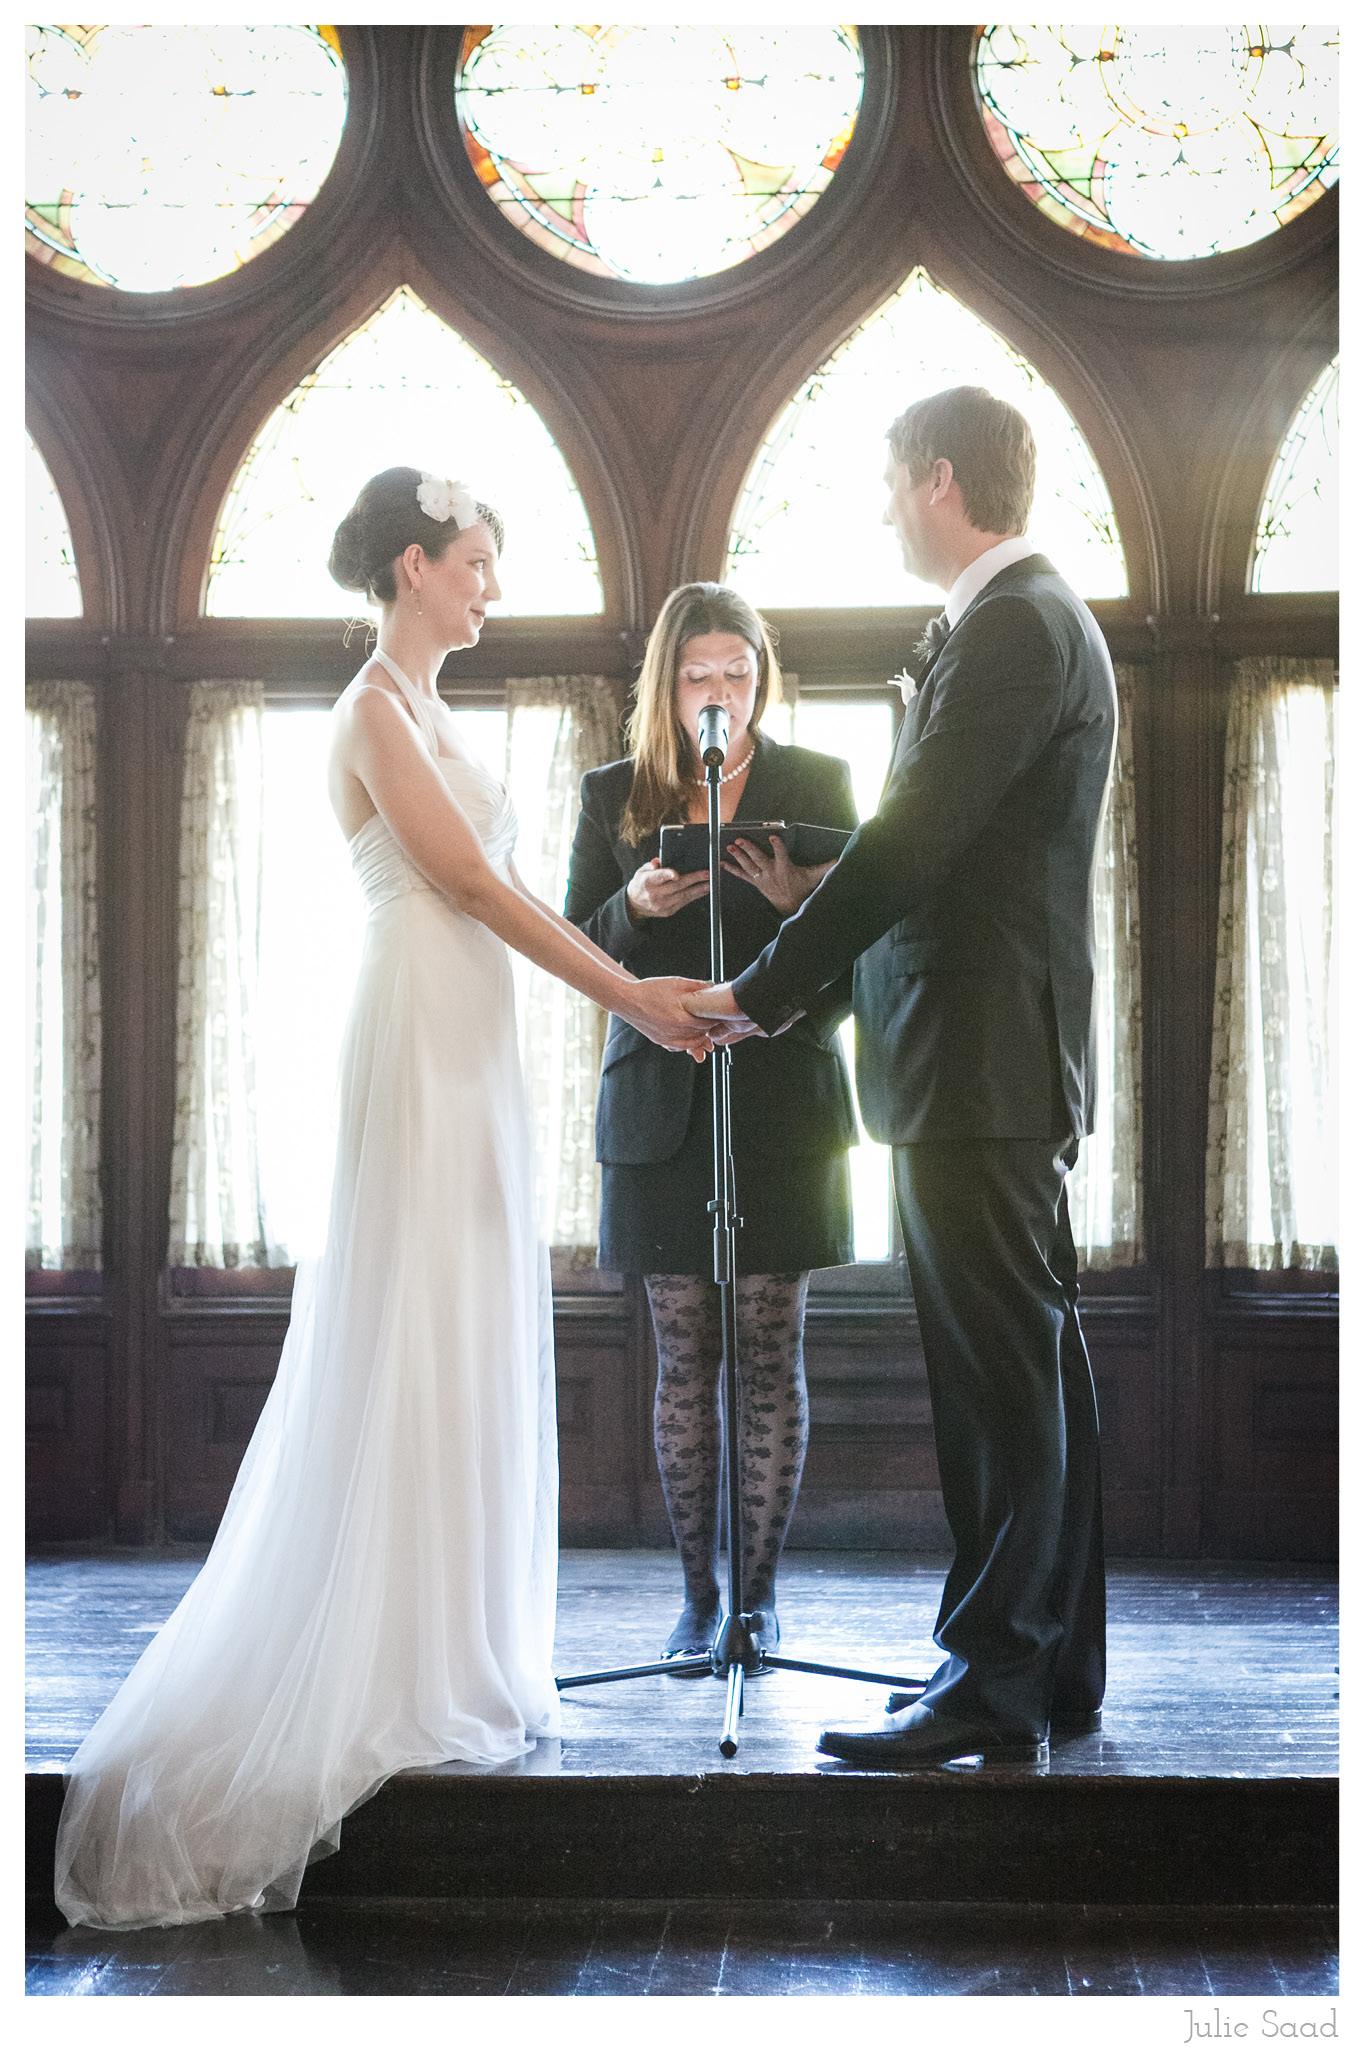 montauk-club-wedding-photographer-brooklyn-saad11.jpg